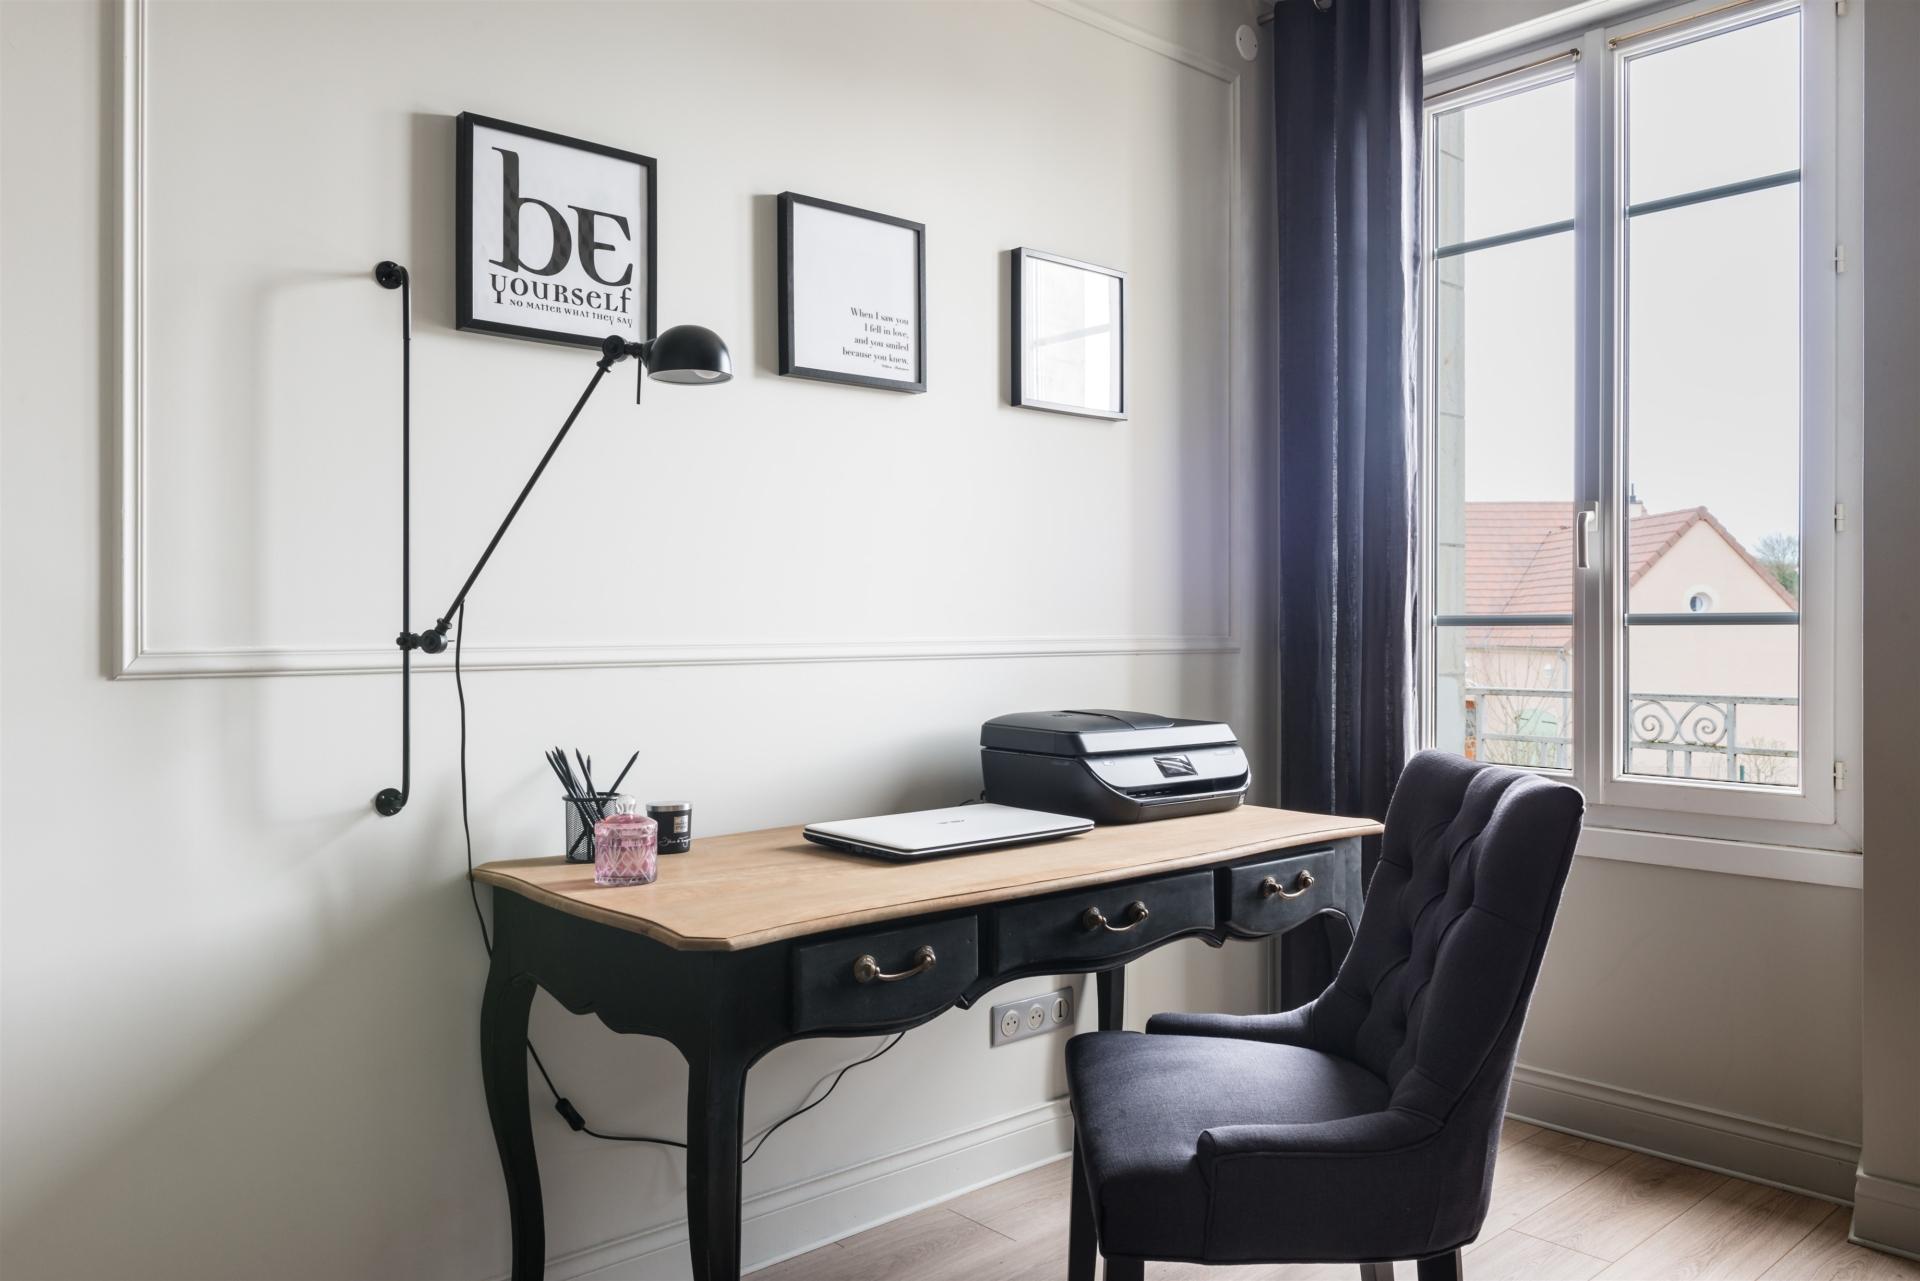 Gris idee anthr mur deco pas blanc direction cheres bureau noir